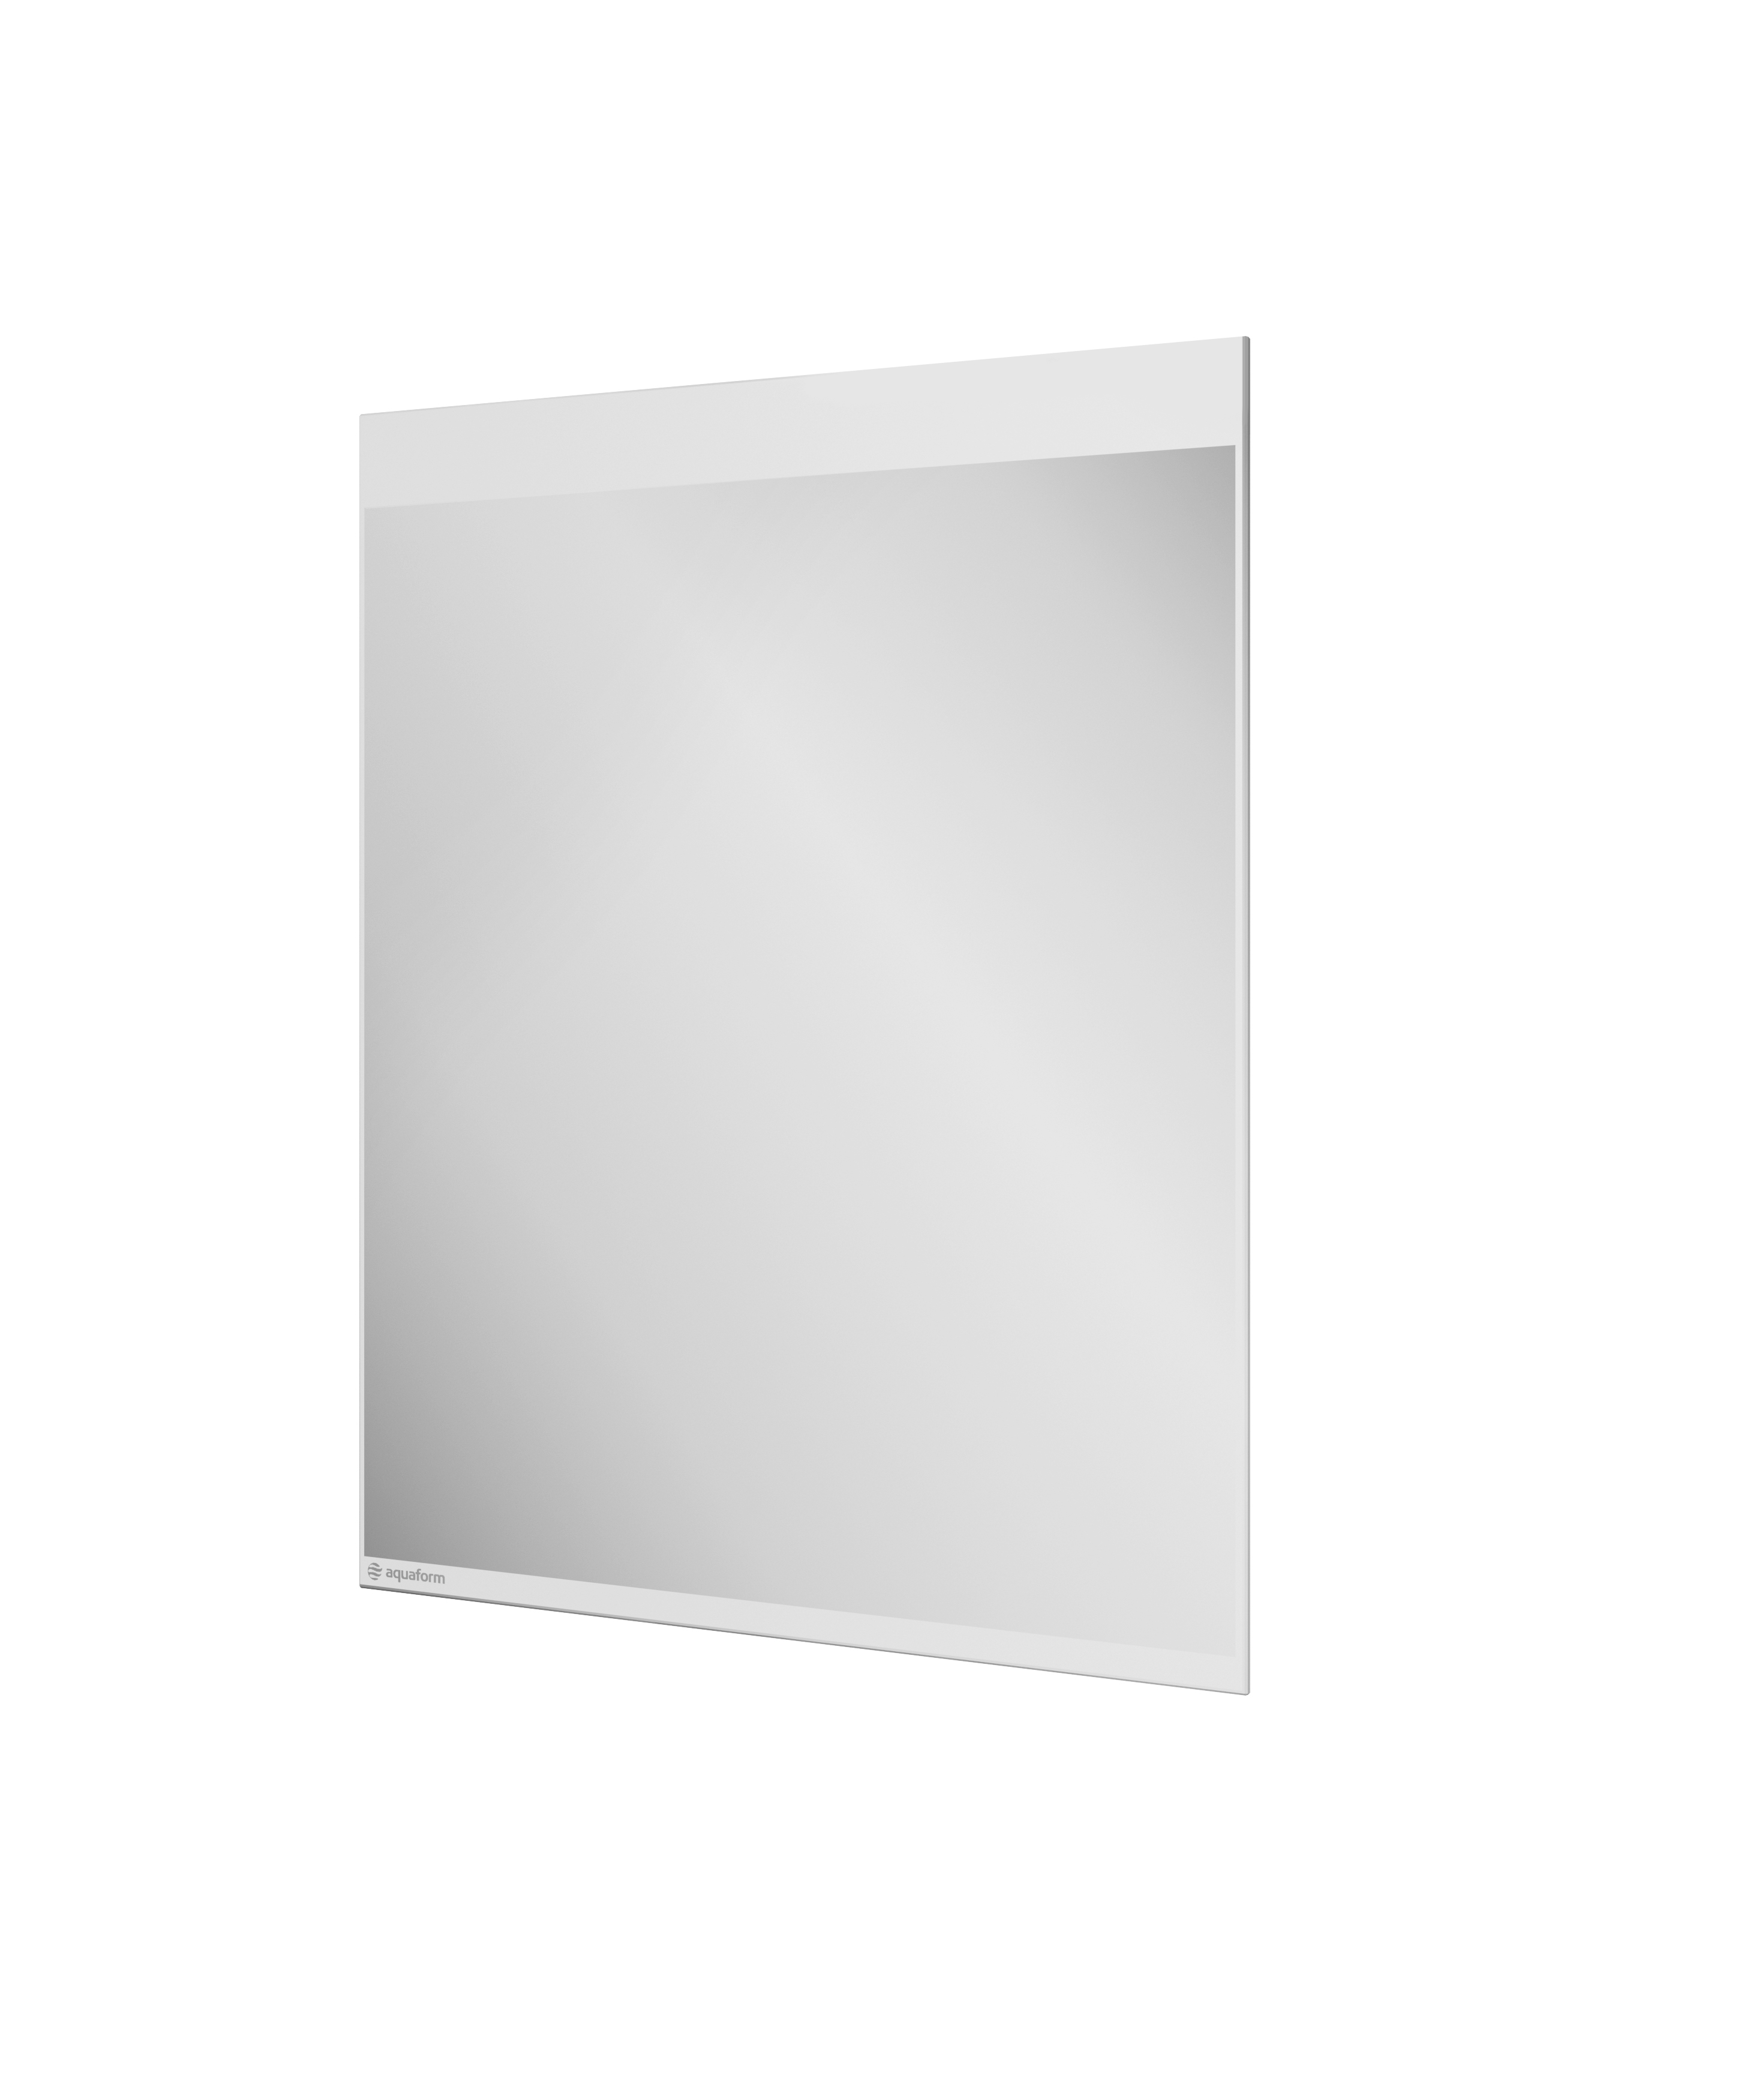 aquaform Зеркало AquaformLED (0409-120001)